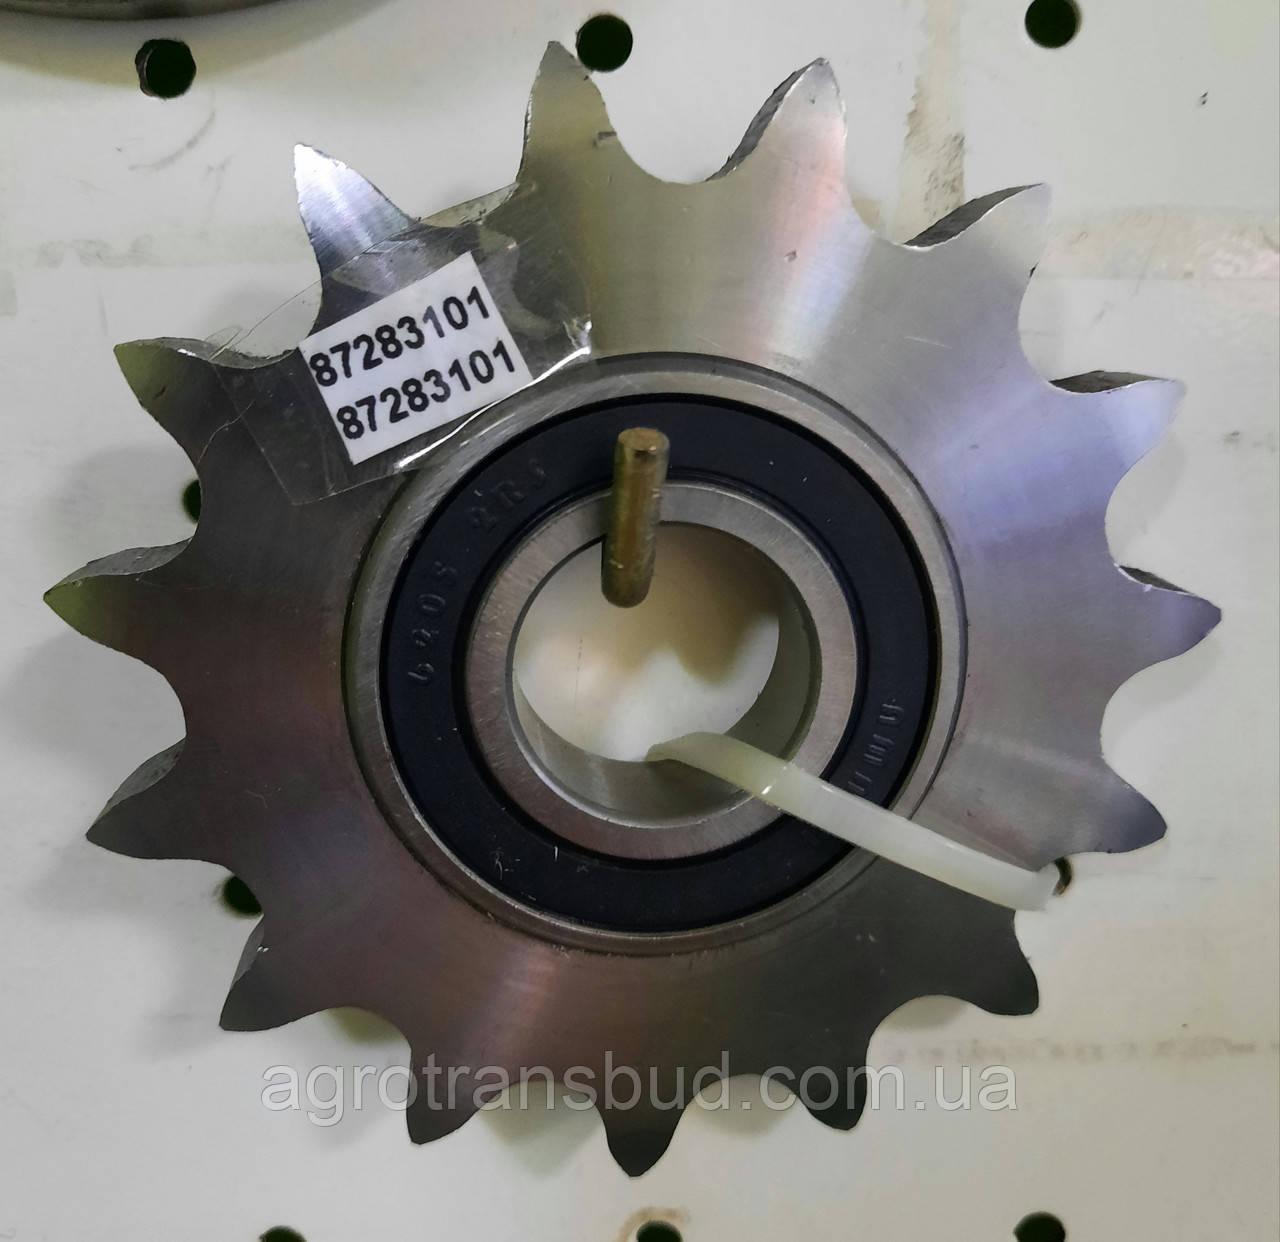 Зірочка Z15, t19.05 CNH